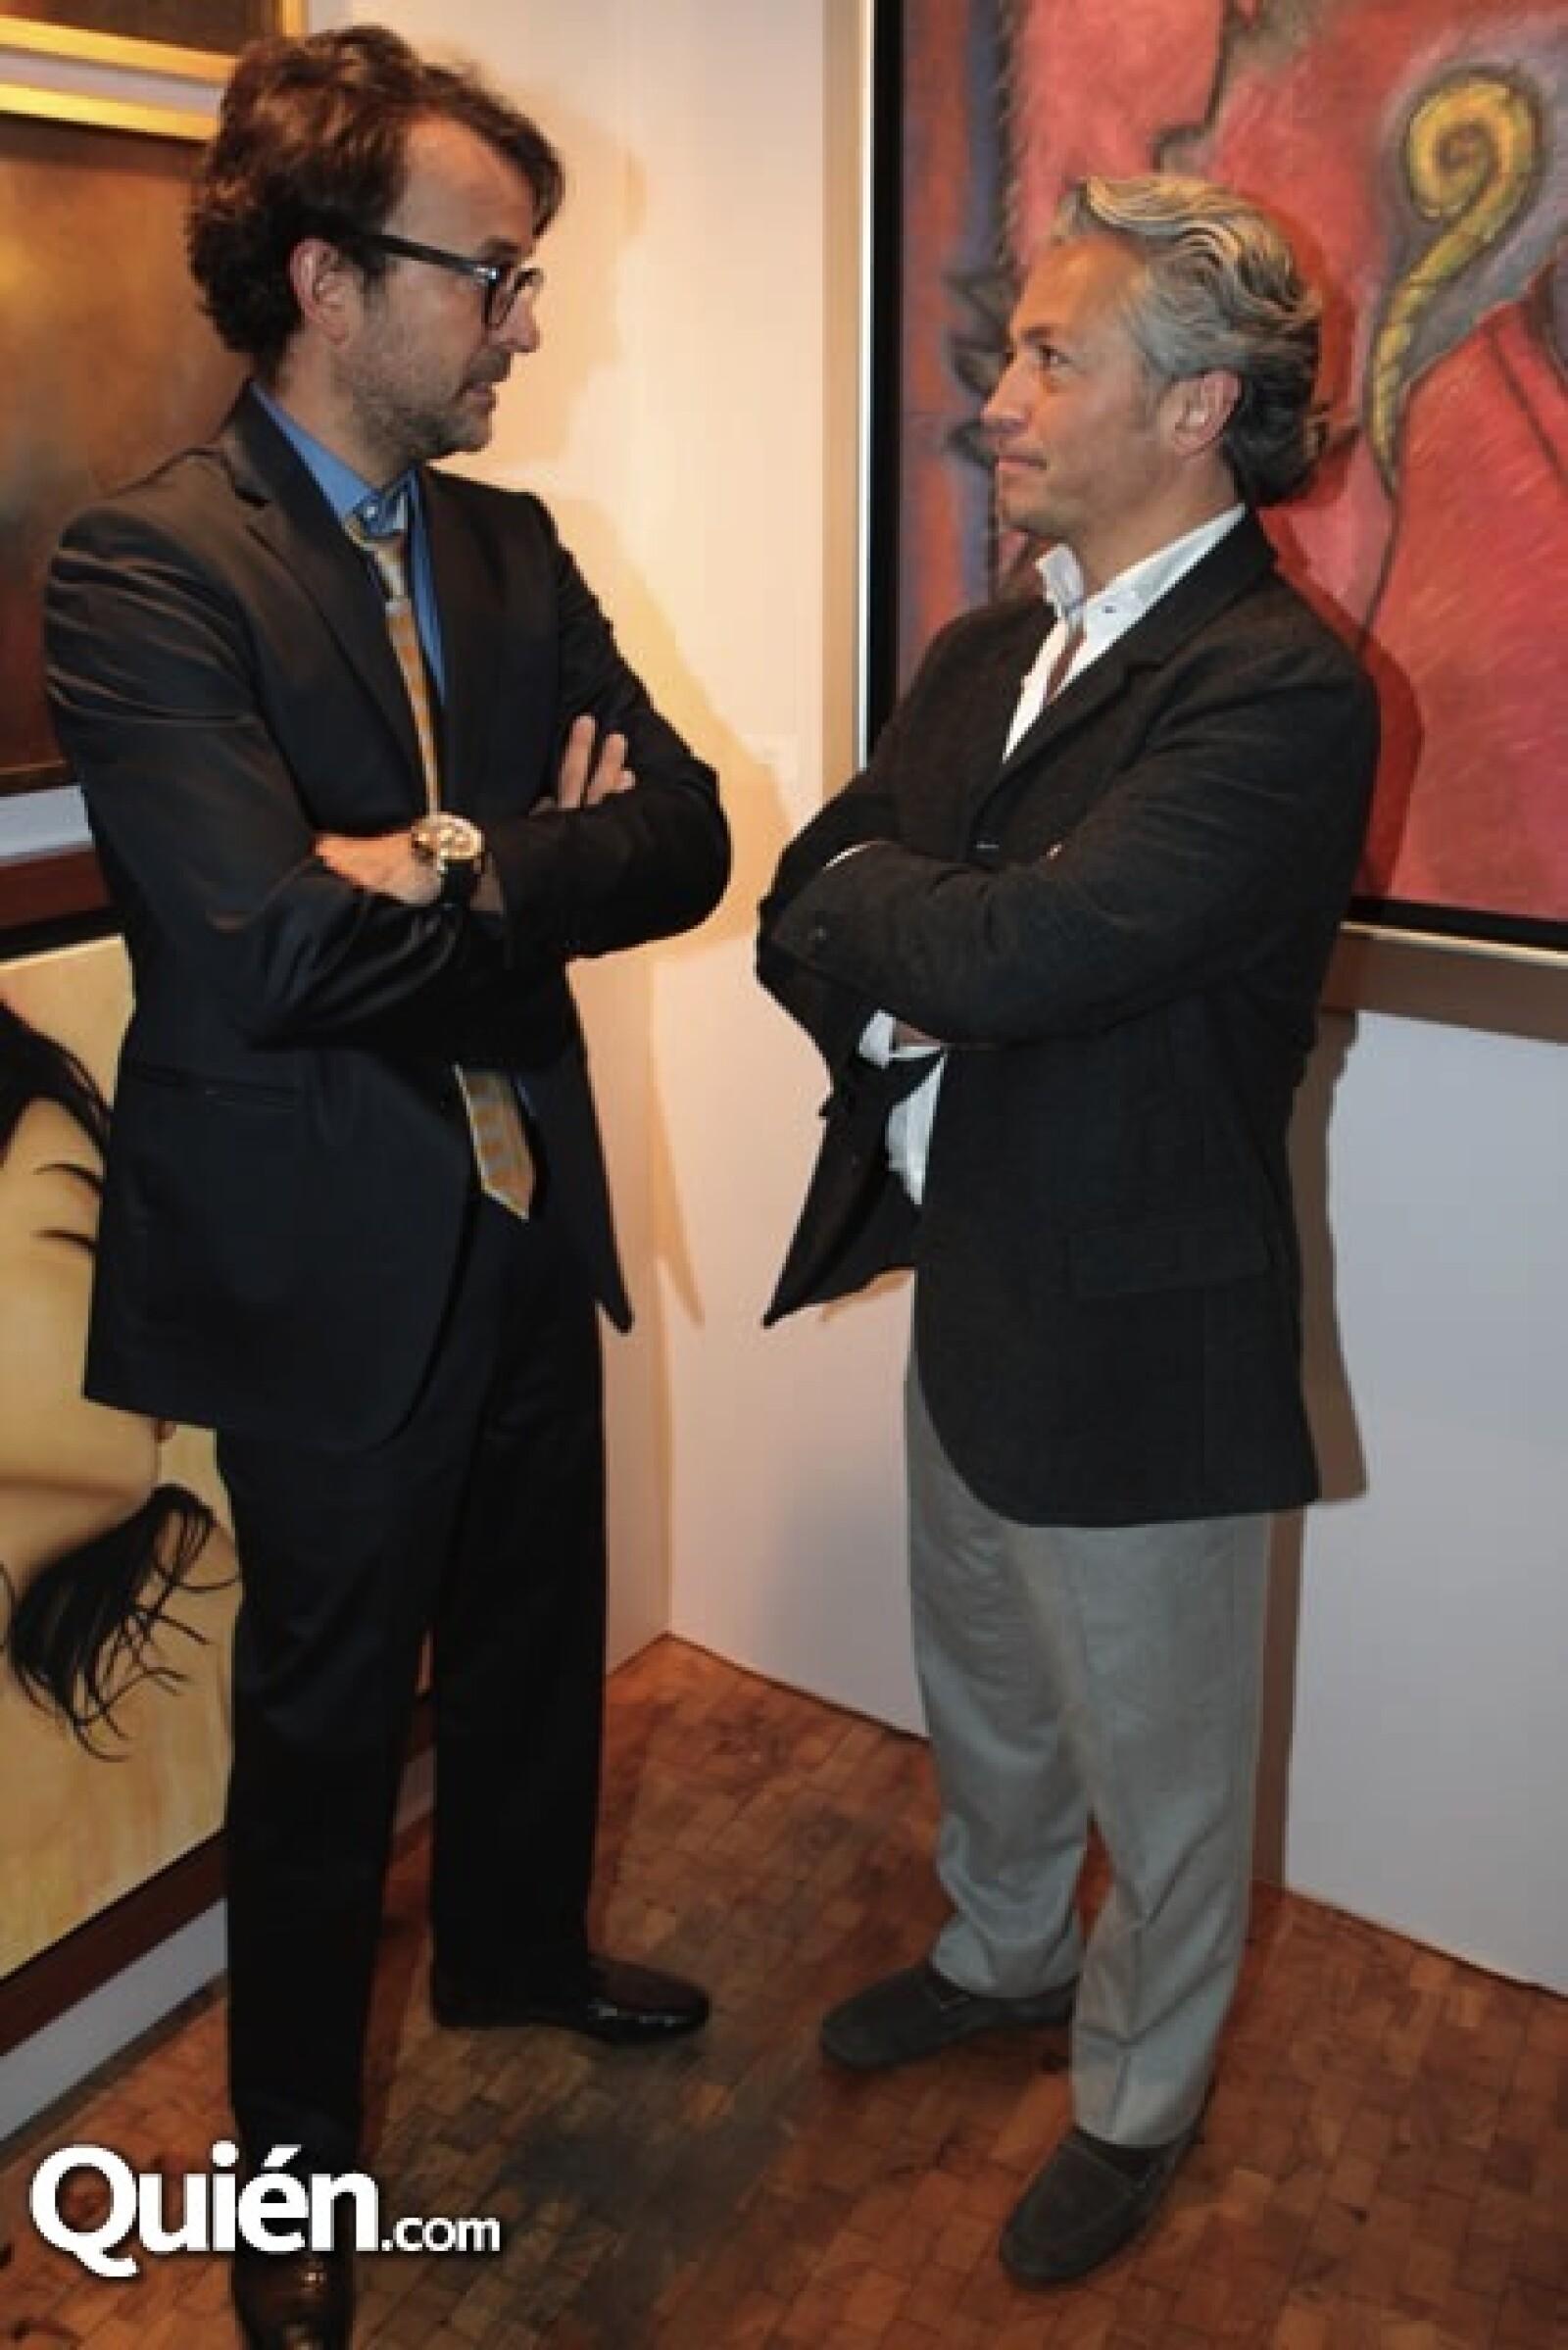 Luis Pablo de los Cobos,Arturo Velasco